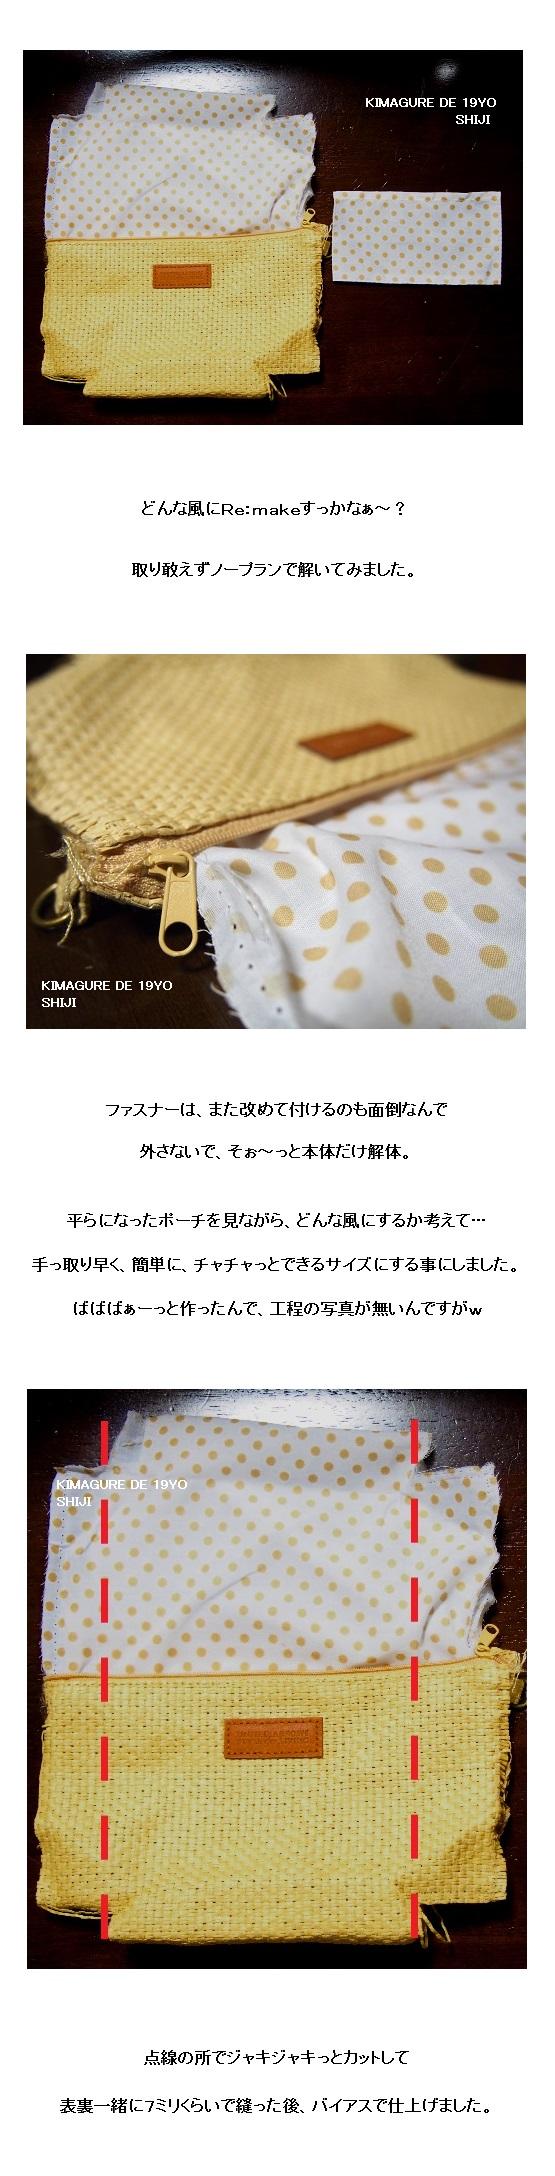 ラフィア風ポーチ4